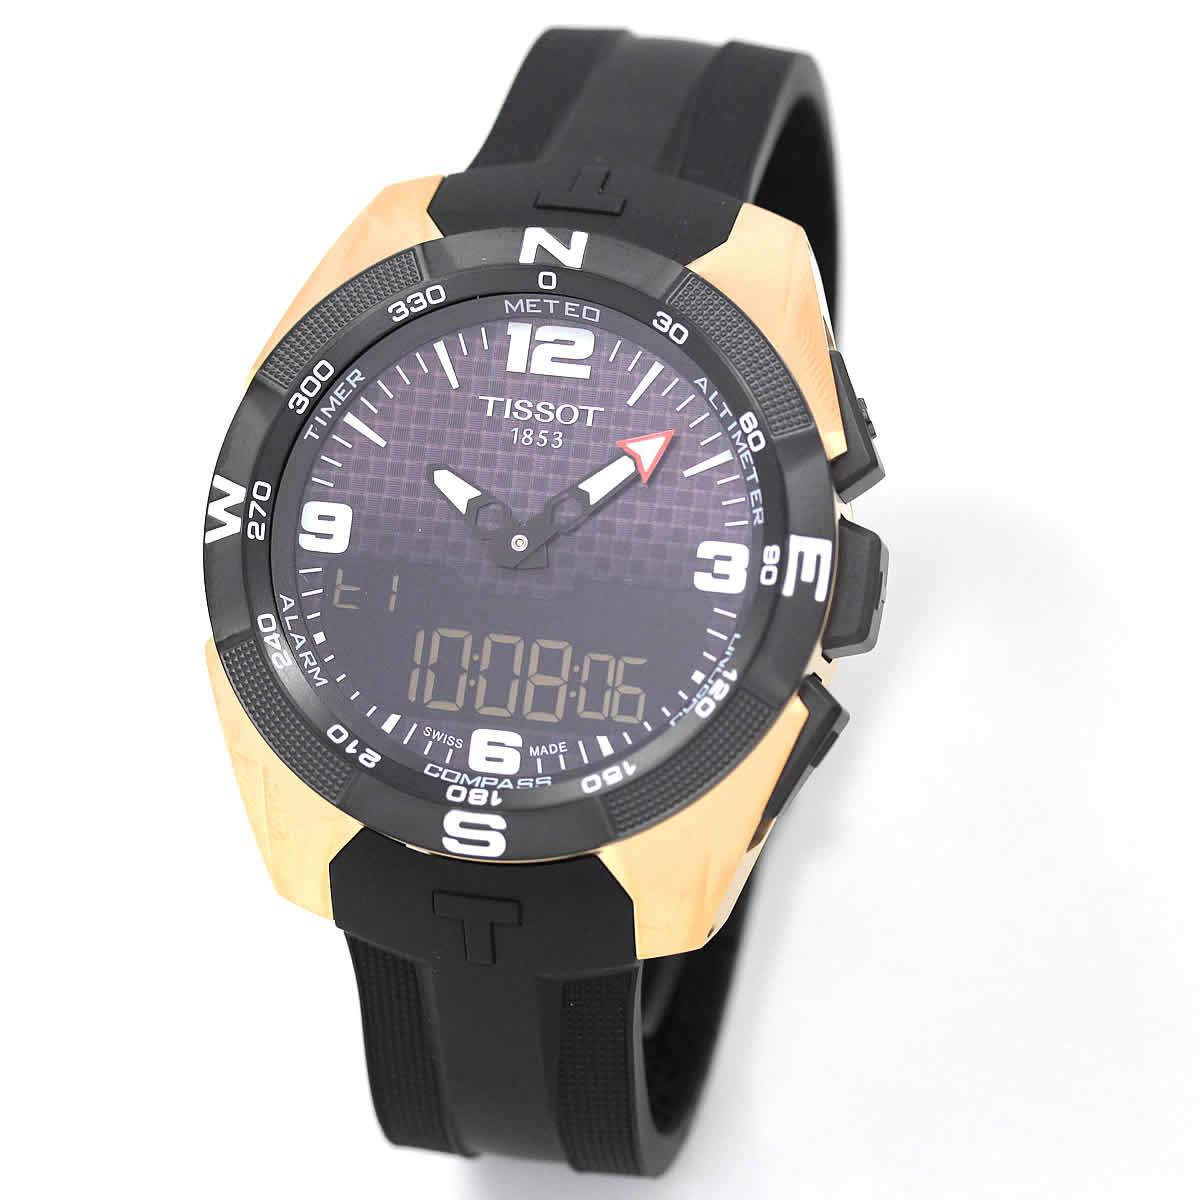 ティソ 広告 時計 モデル